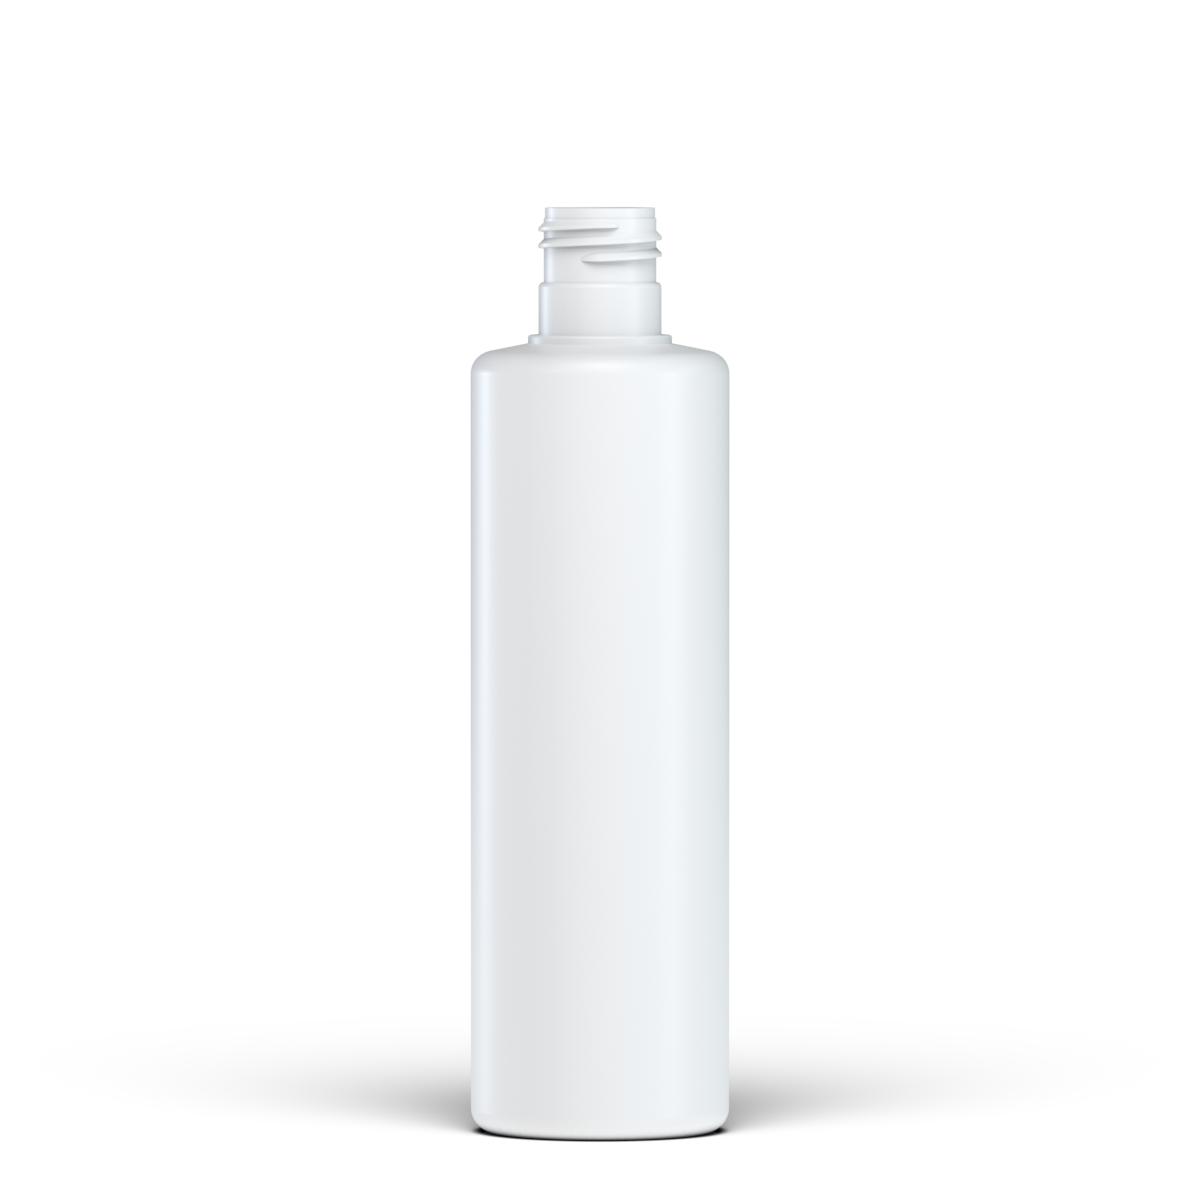 Flacone cilindrico 250 ml HDPE/PP, collo 24/415, linea NEW YORK